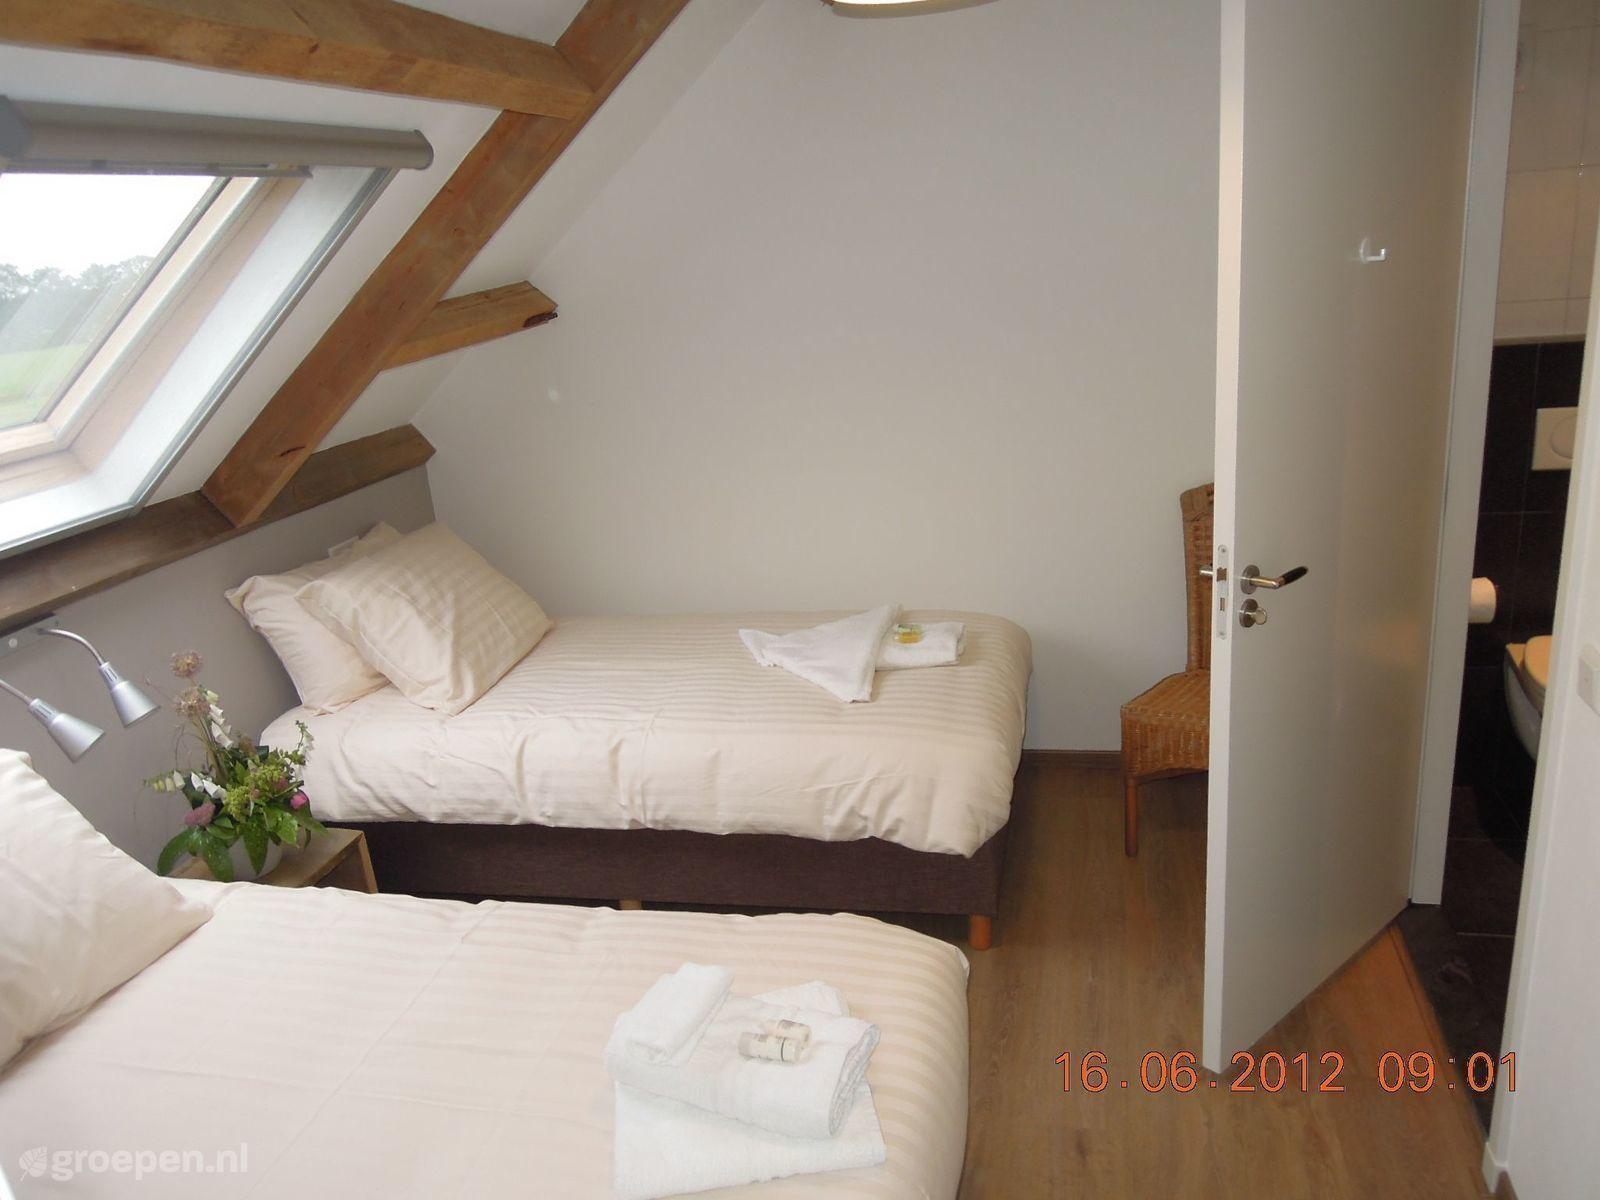 Vakantiehuis Asten-Heusden